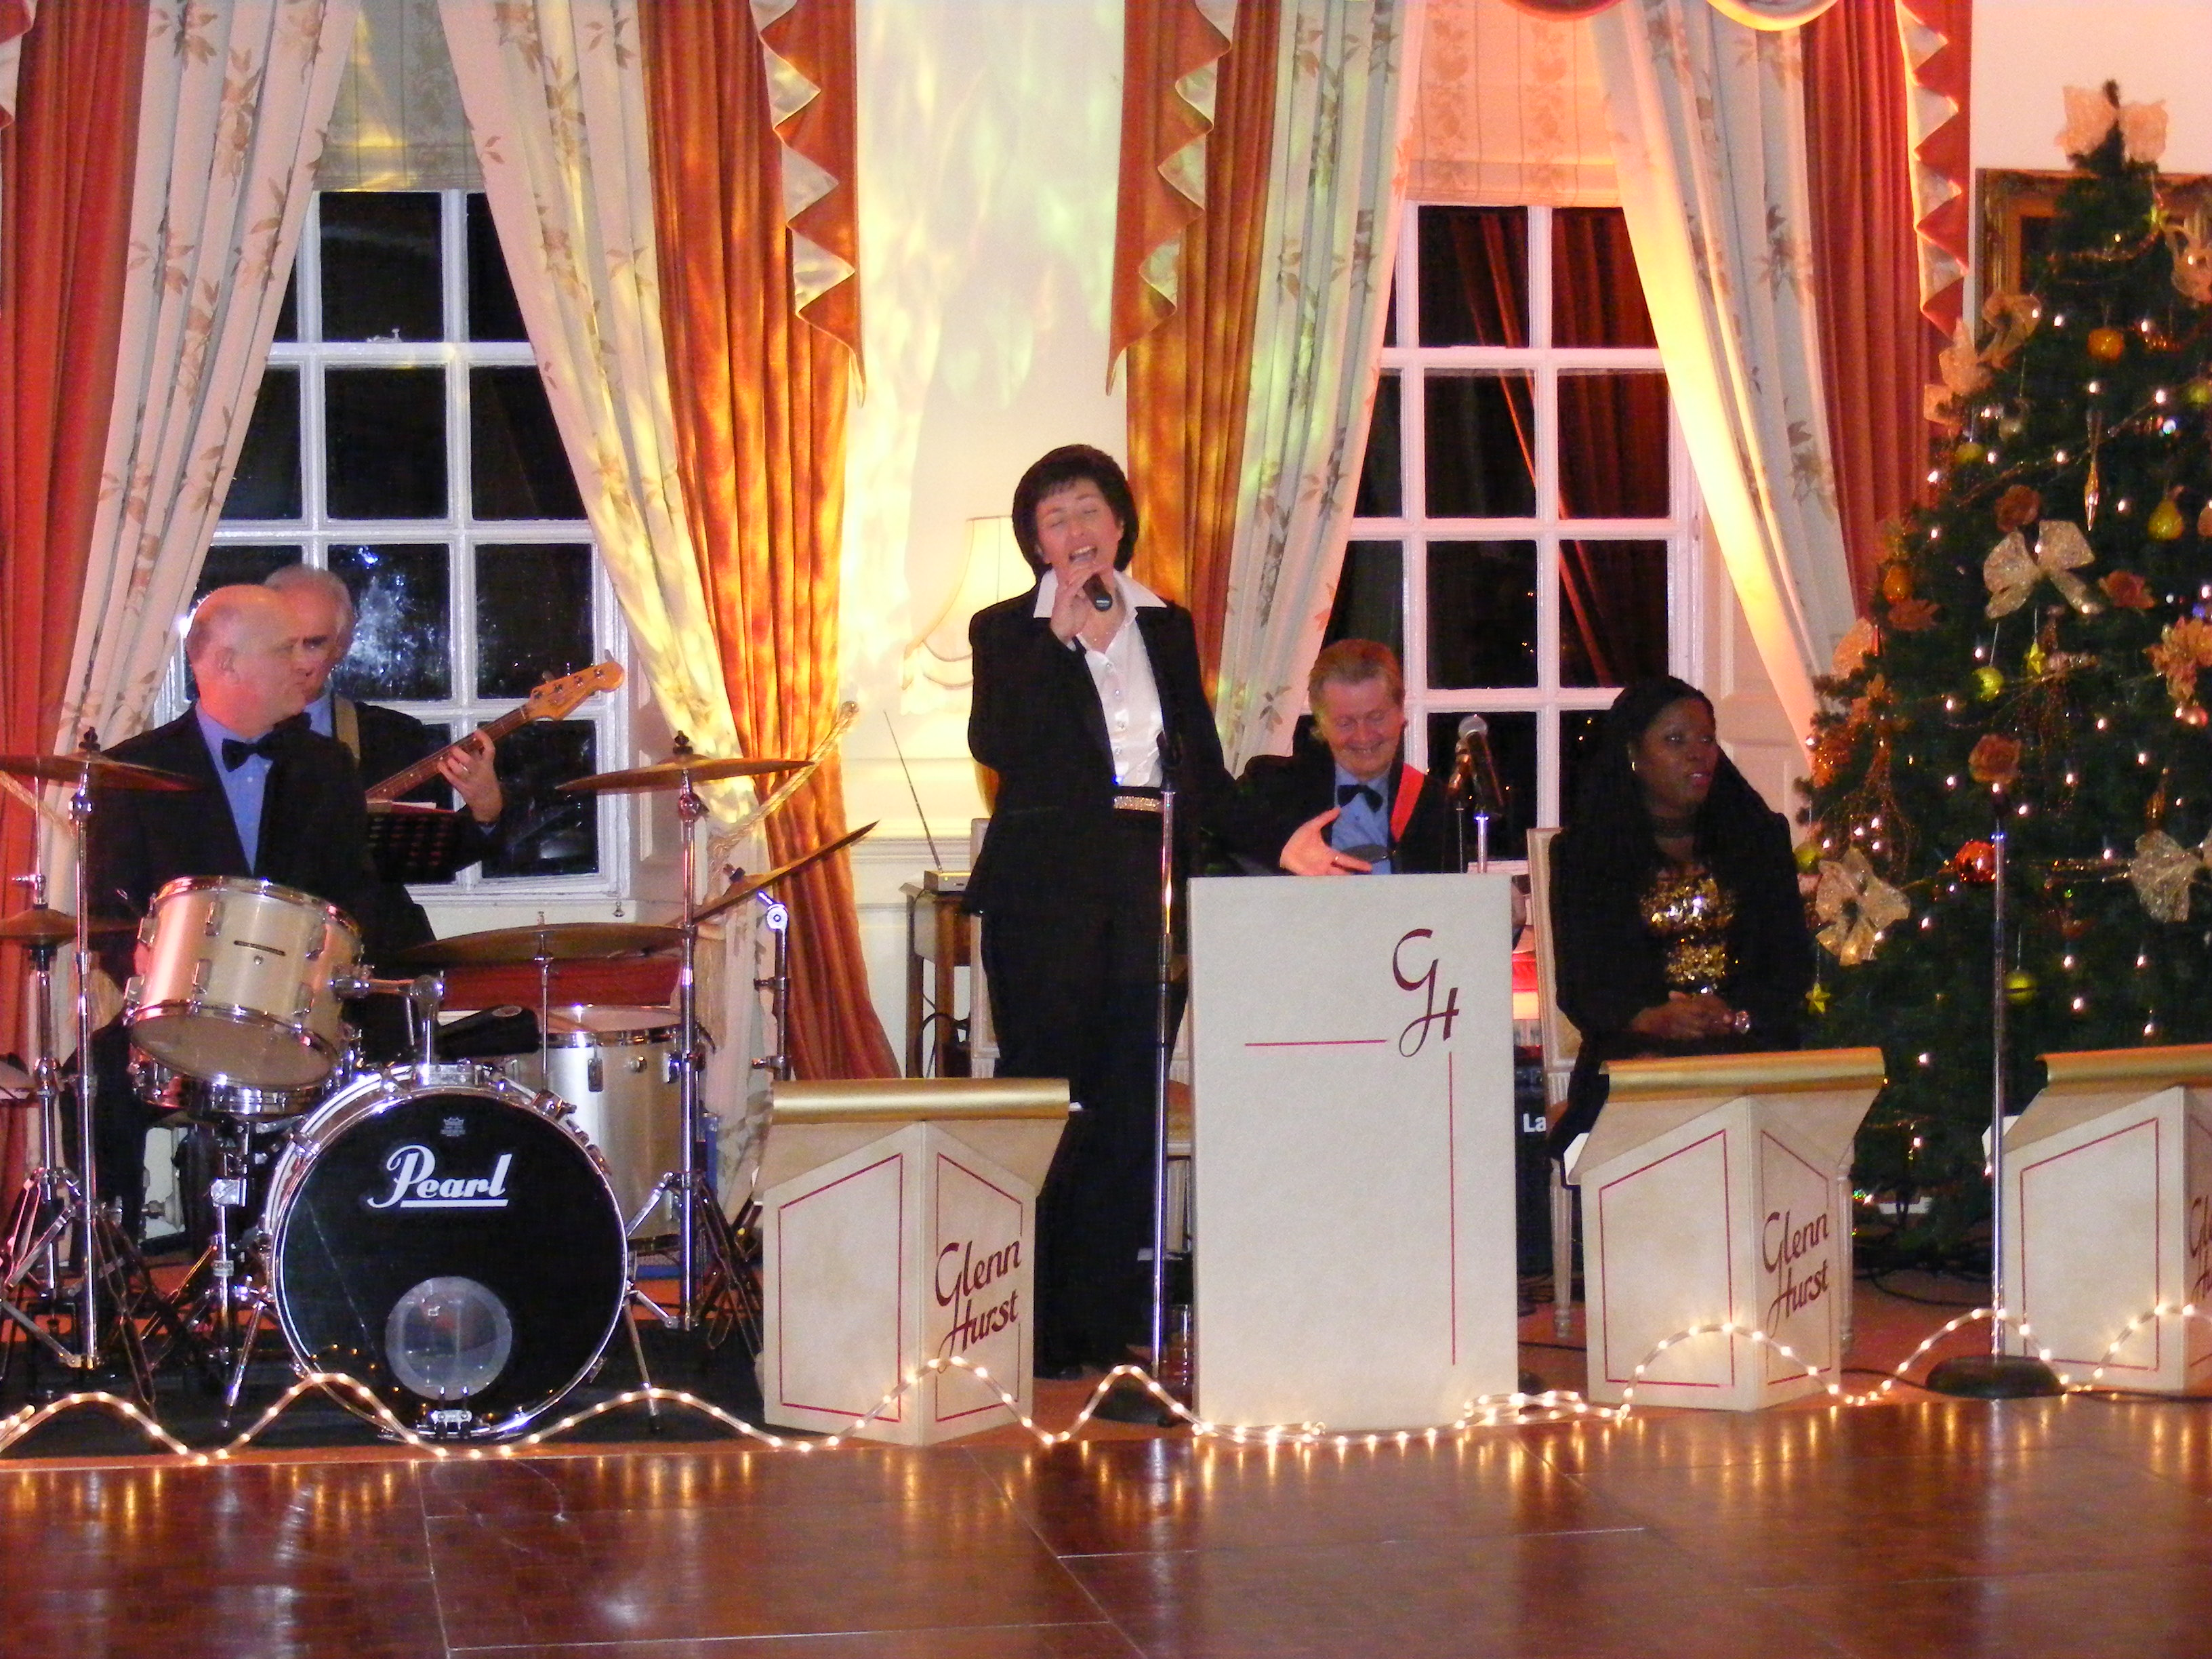 Glenn Hurst house band